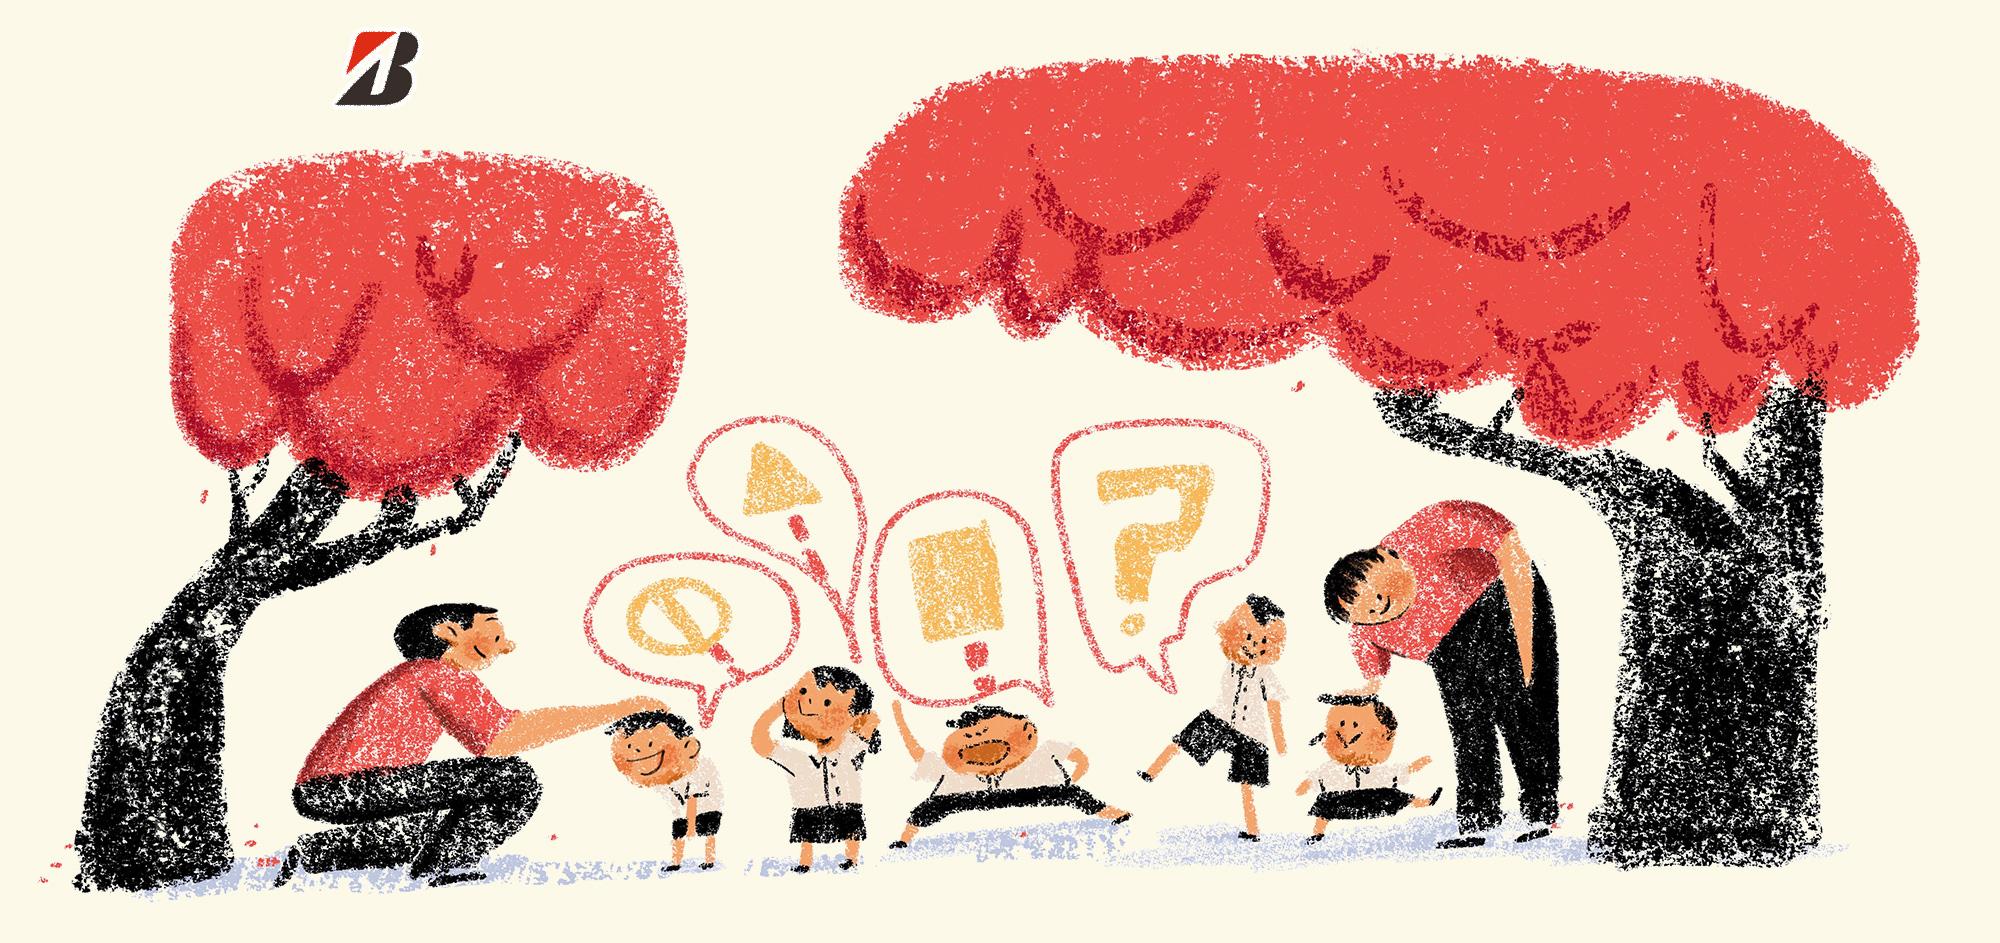 Đường gập ghềnh đi tìm con chữ của trẻ em vùng cao: Có cầu mới, lũ mùa mưa không cuốn đi ước mơ của em - Ảnh 10.